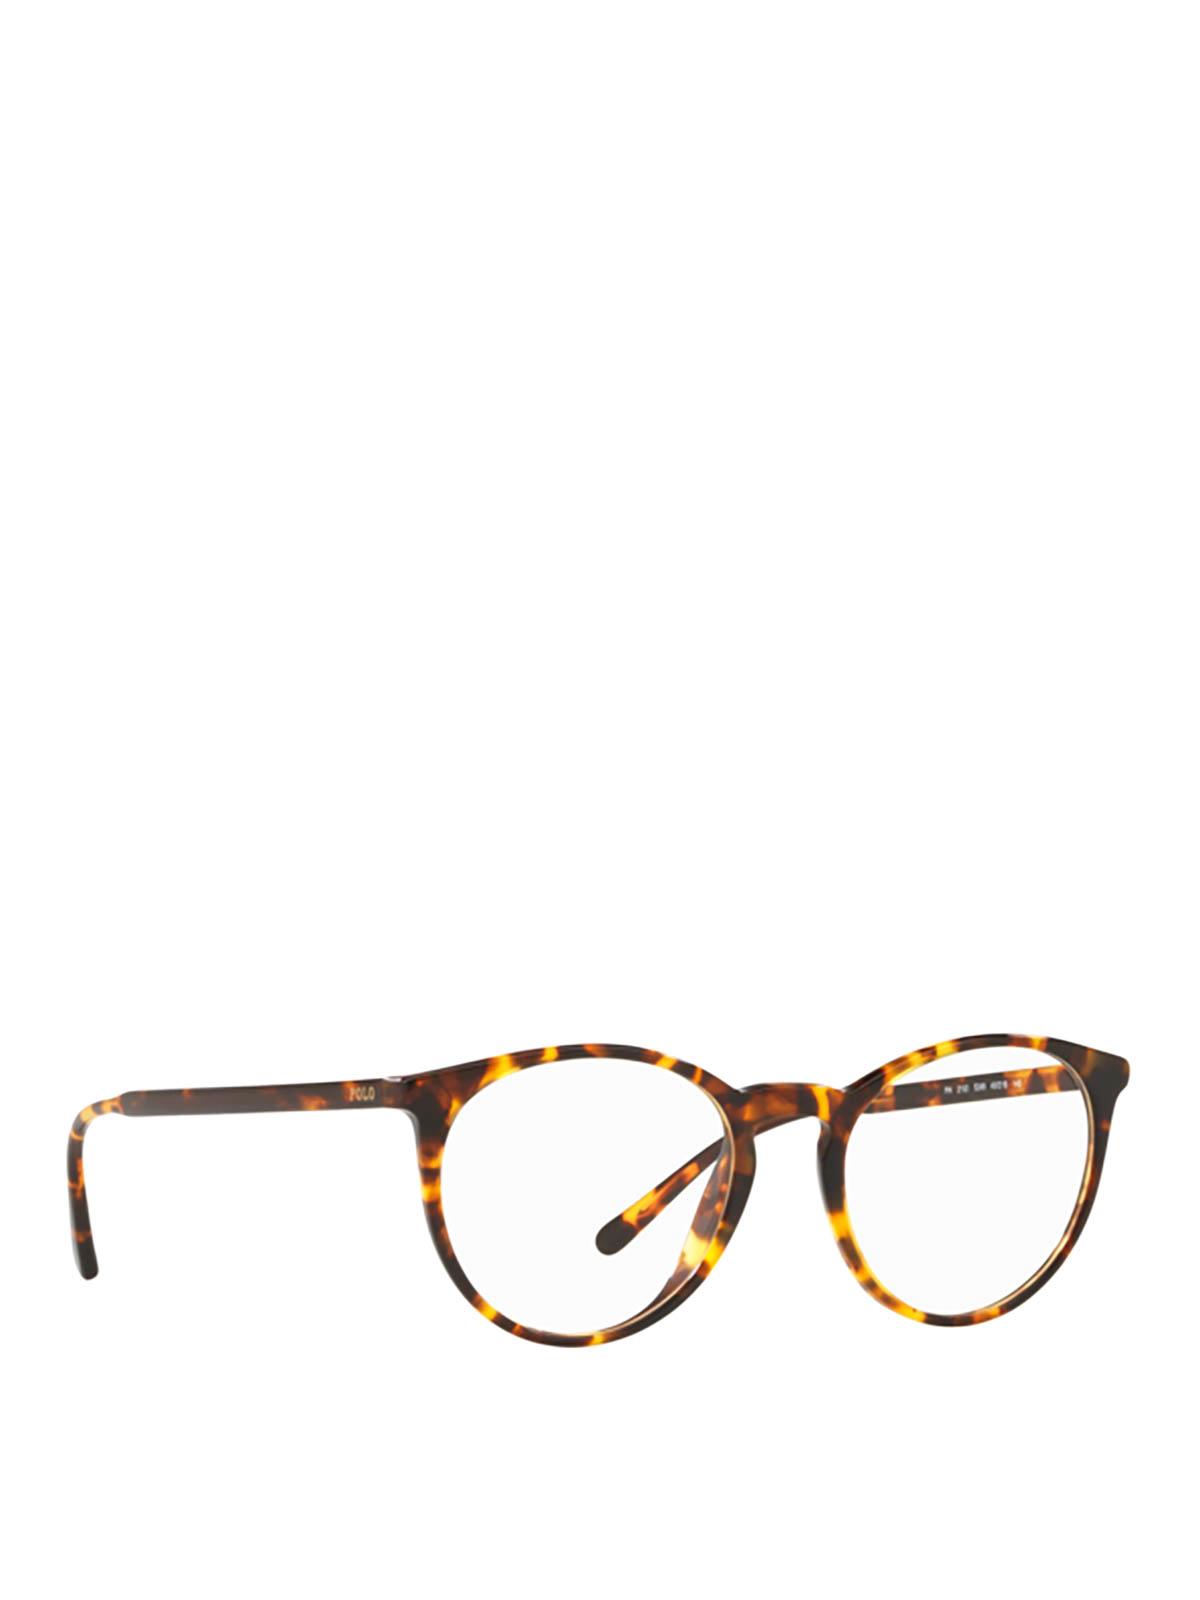 Polo Ralph Lauren Tortoiseshell Optical Glasses In Light Brown